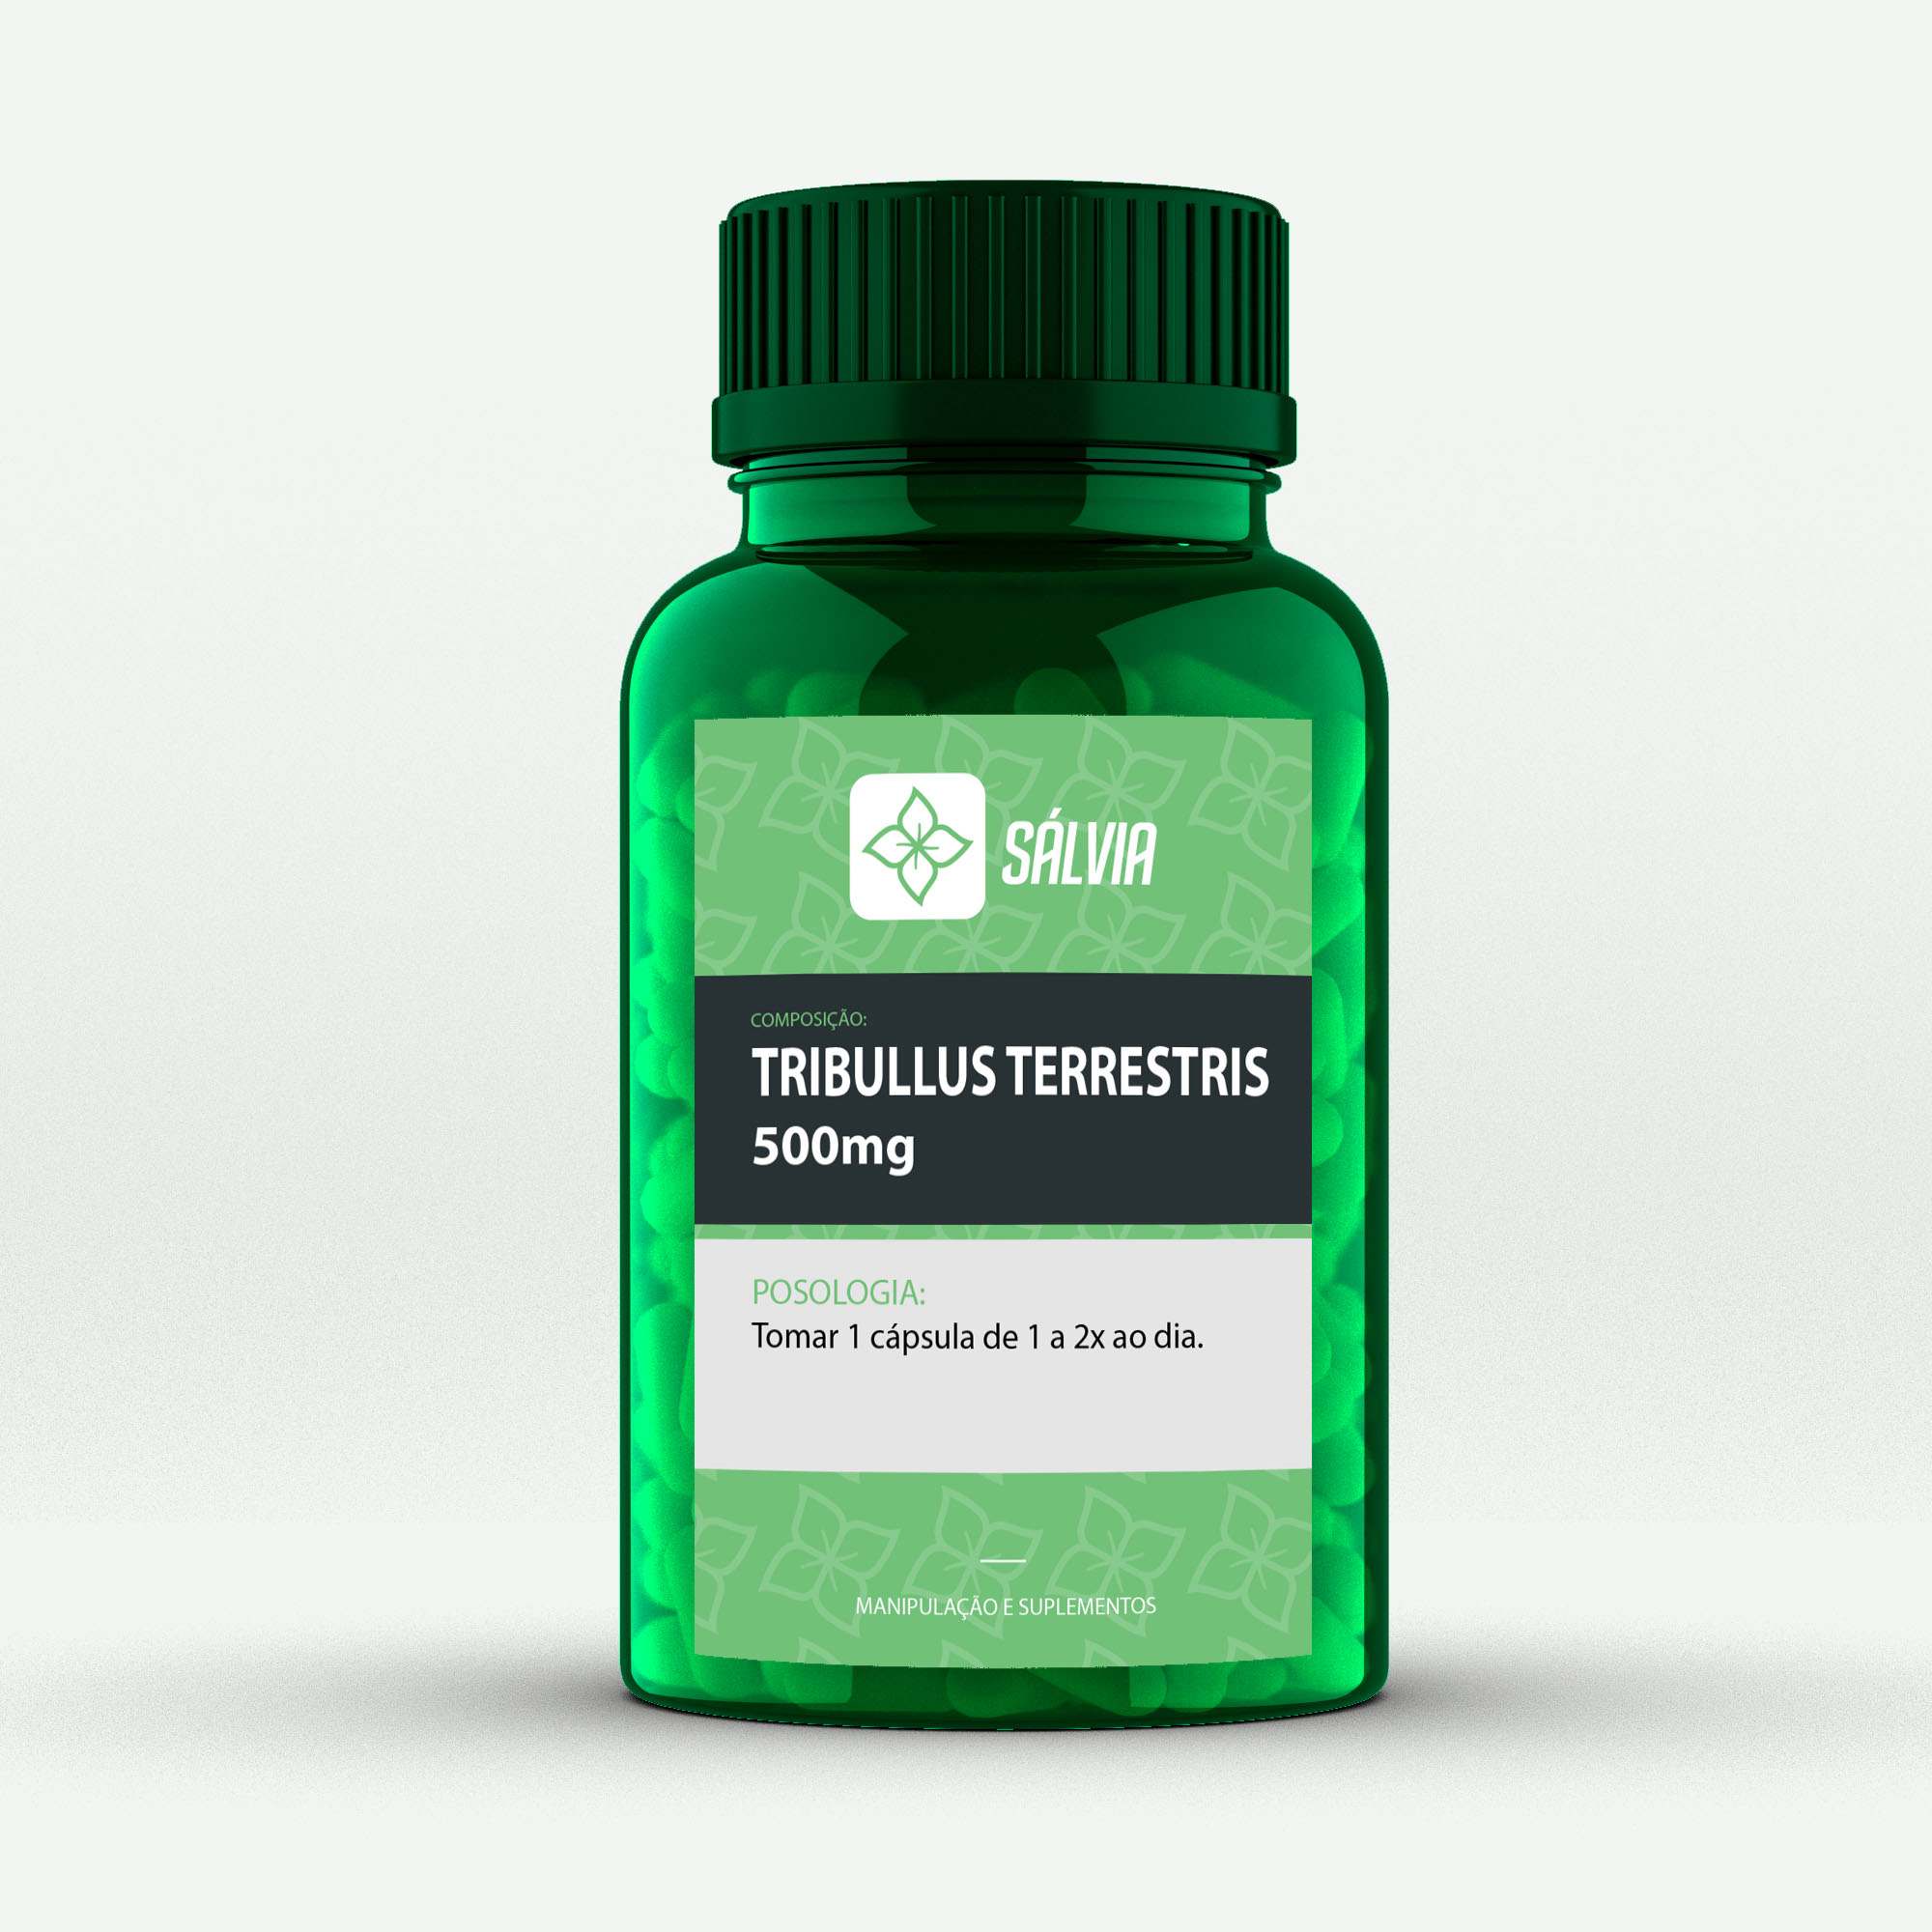 TRIBULLUS TERRESTRIS 500mg - Cápsulas